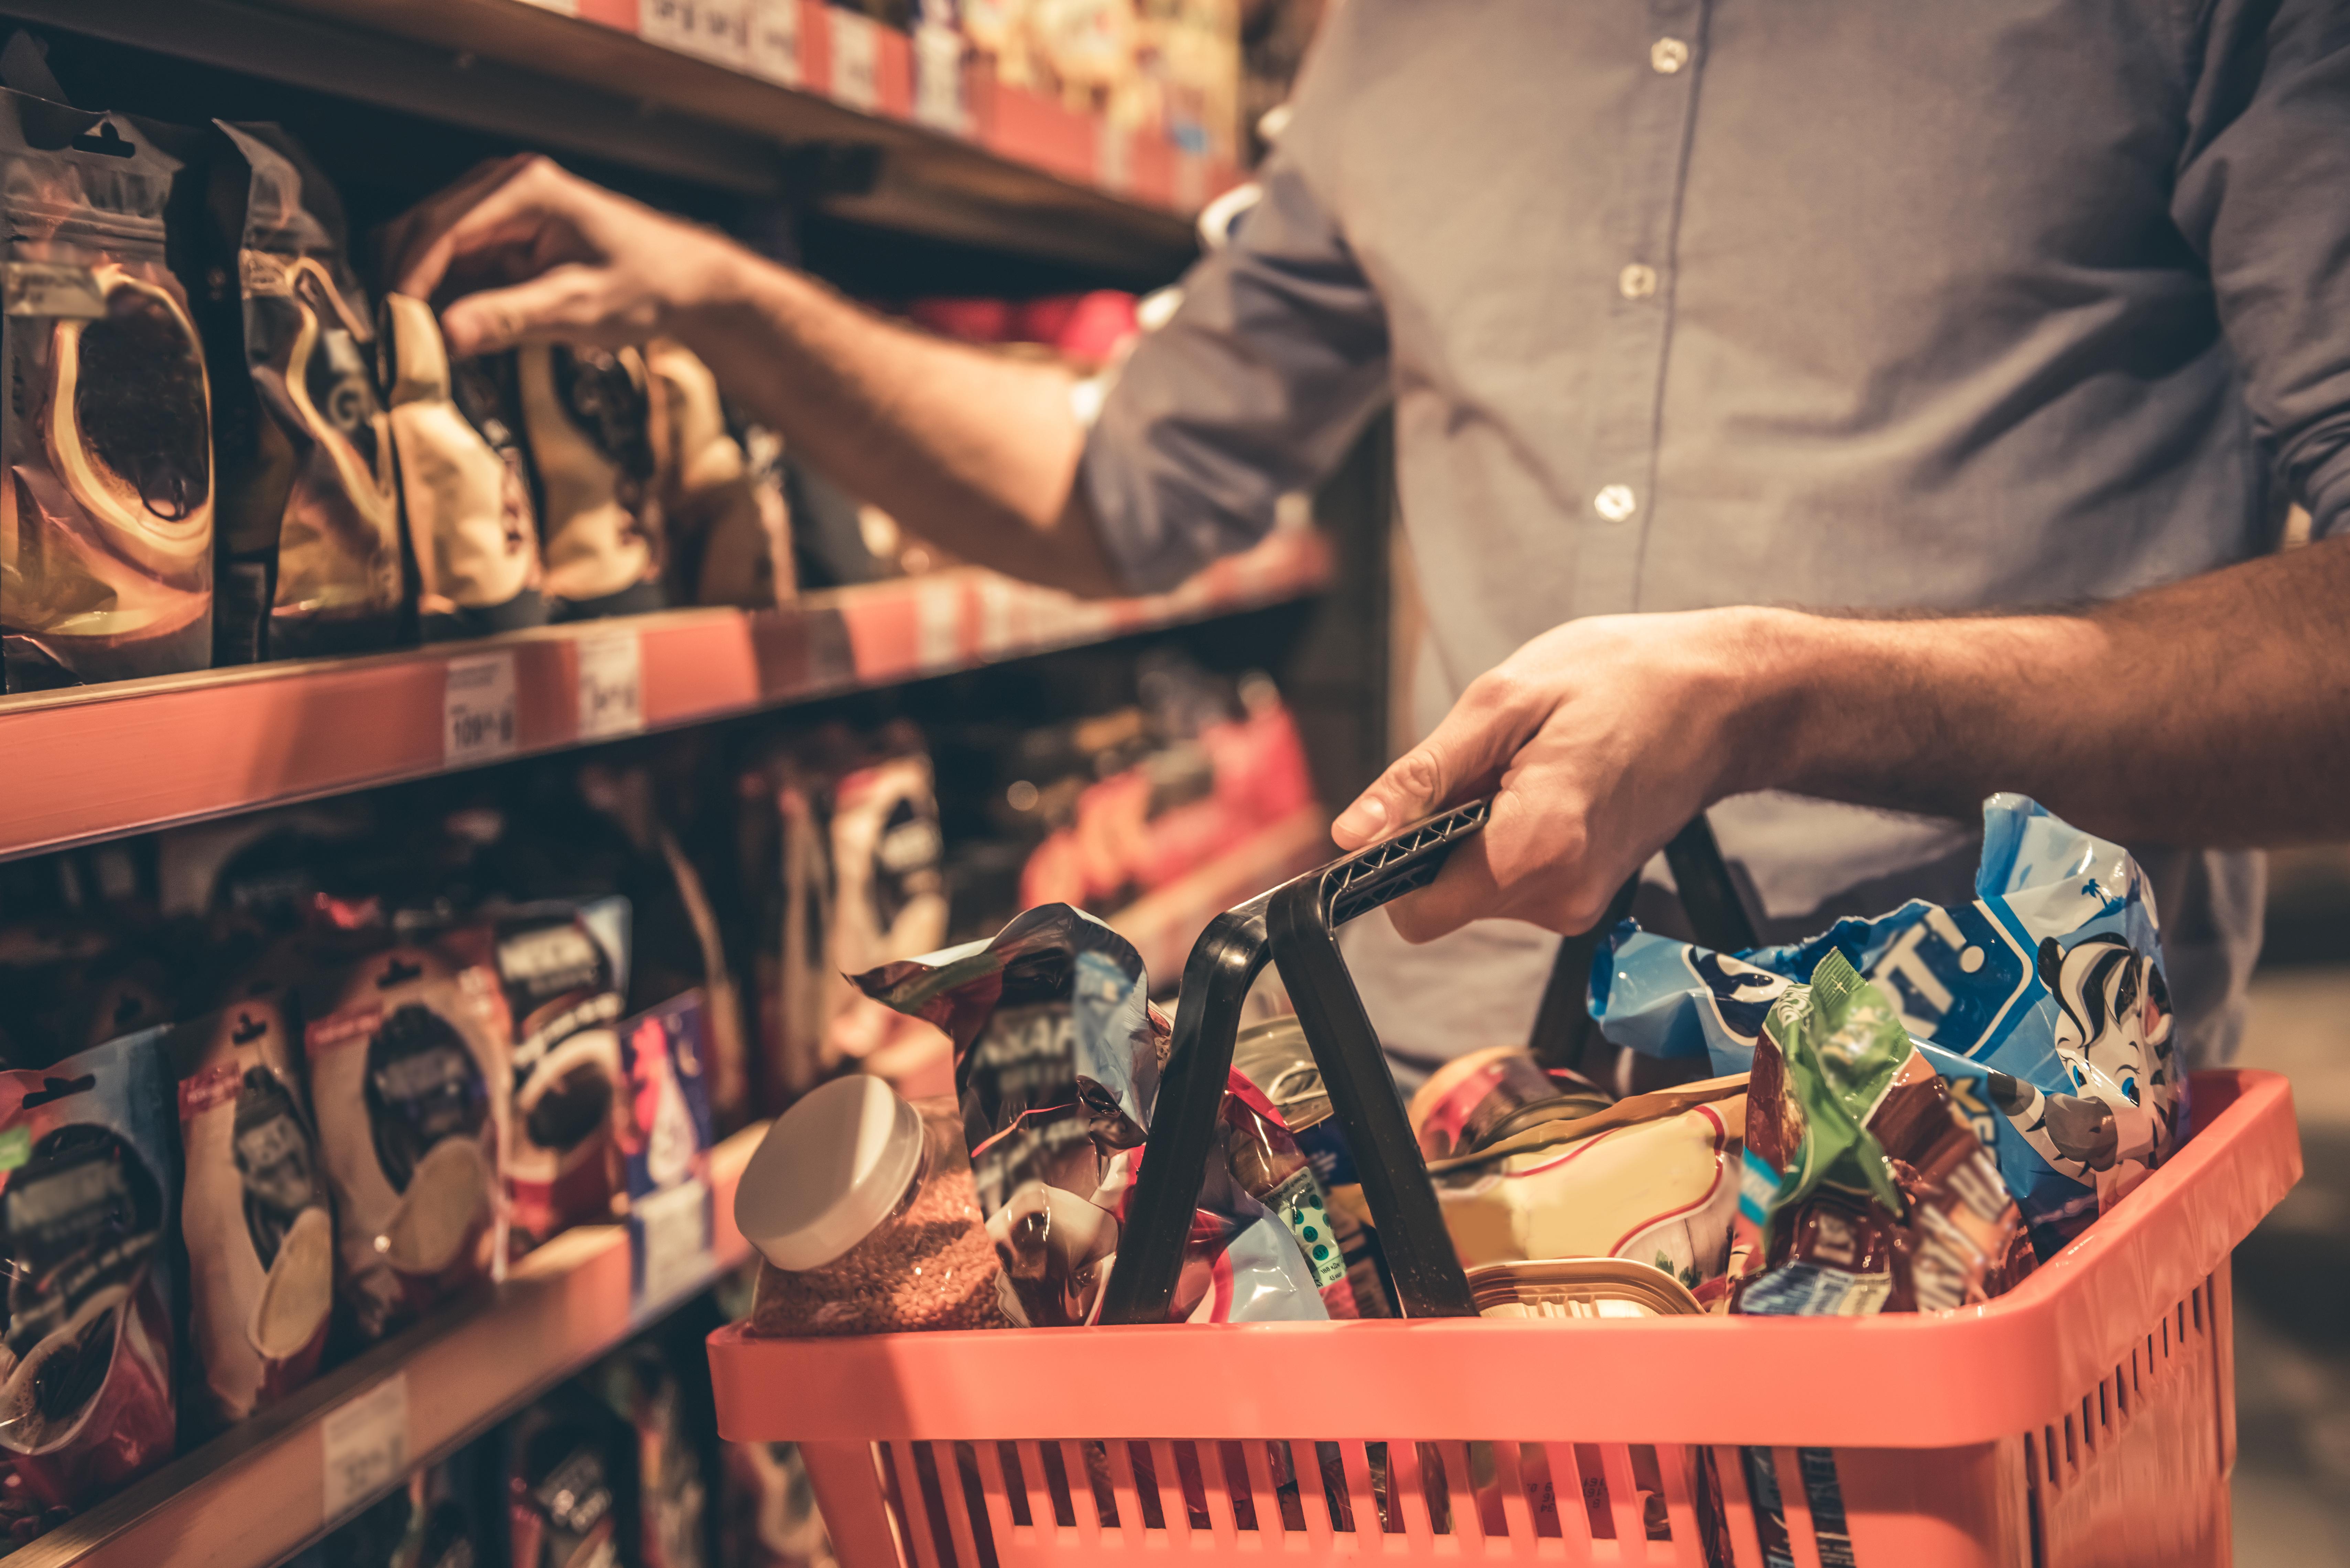 Județul Argeș interzice coșul de cumpărături de mână în supermarketuri, din cauza riscului de transmitere a COVID